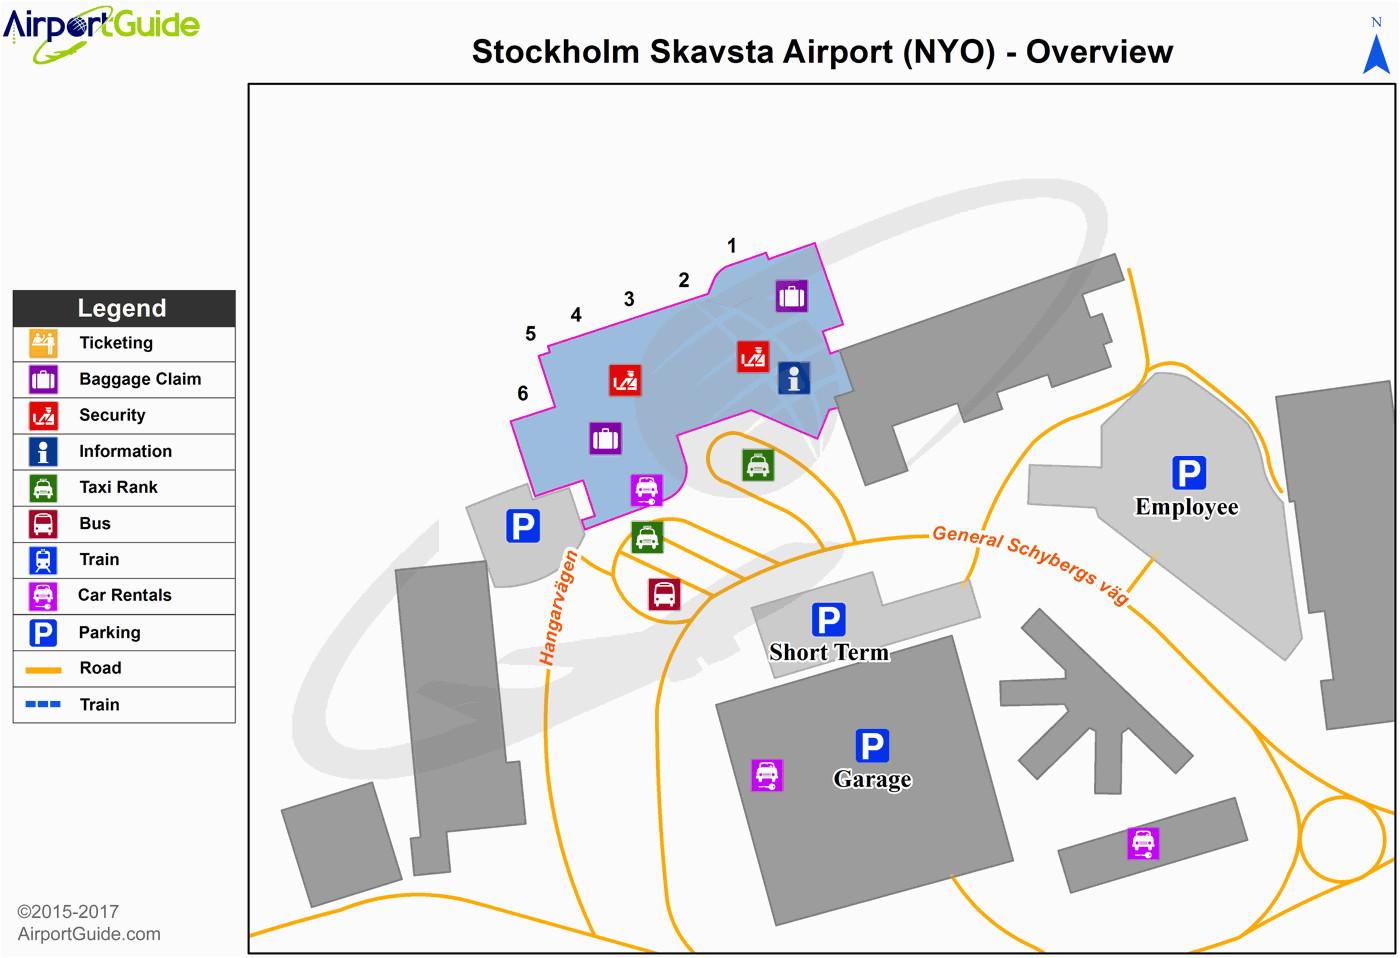 stockholm nykoping stockholm skavsta nyo airport terminal map